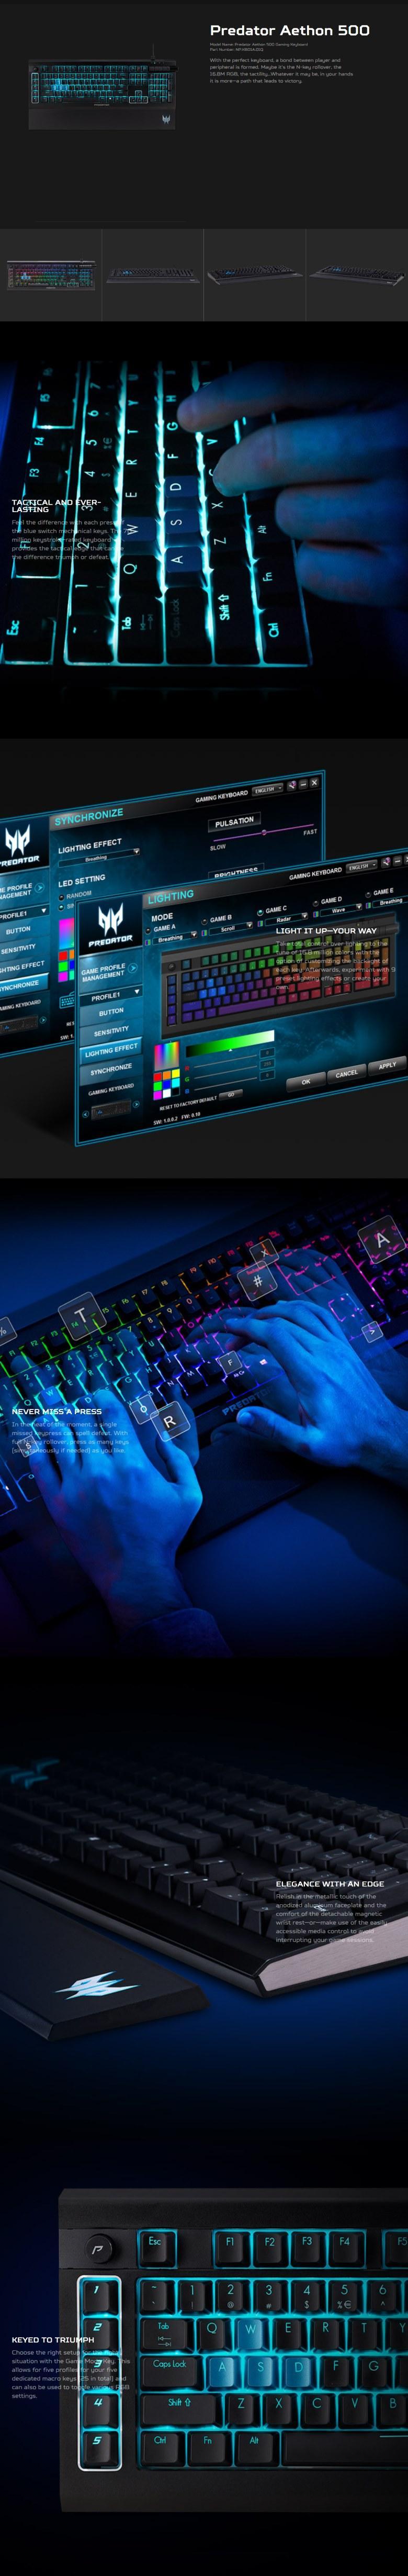 predator keyboard.jpg